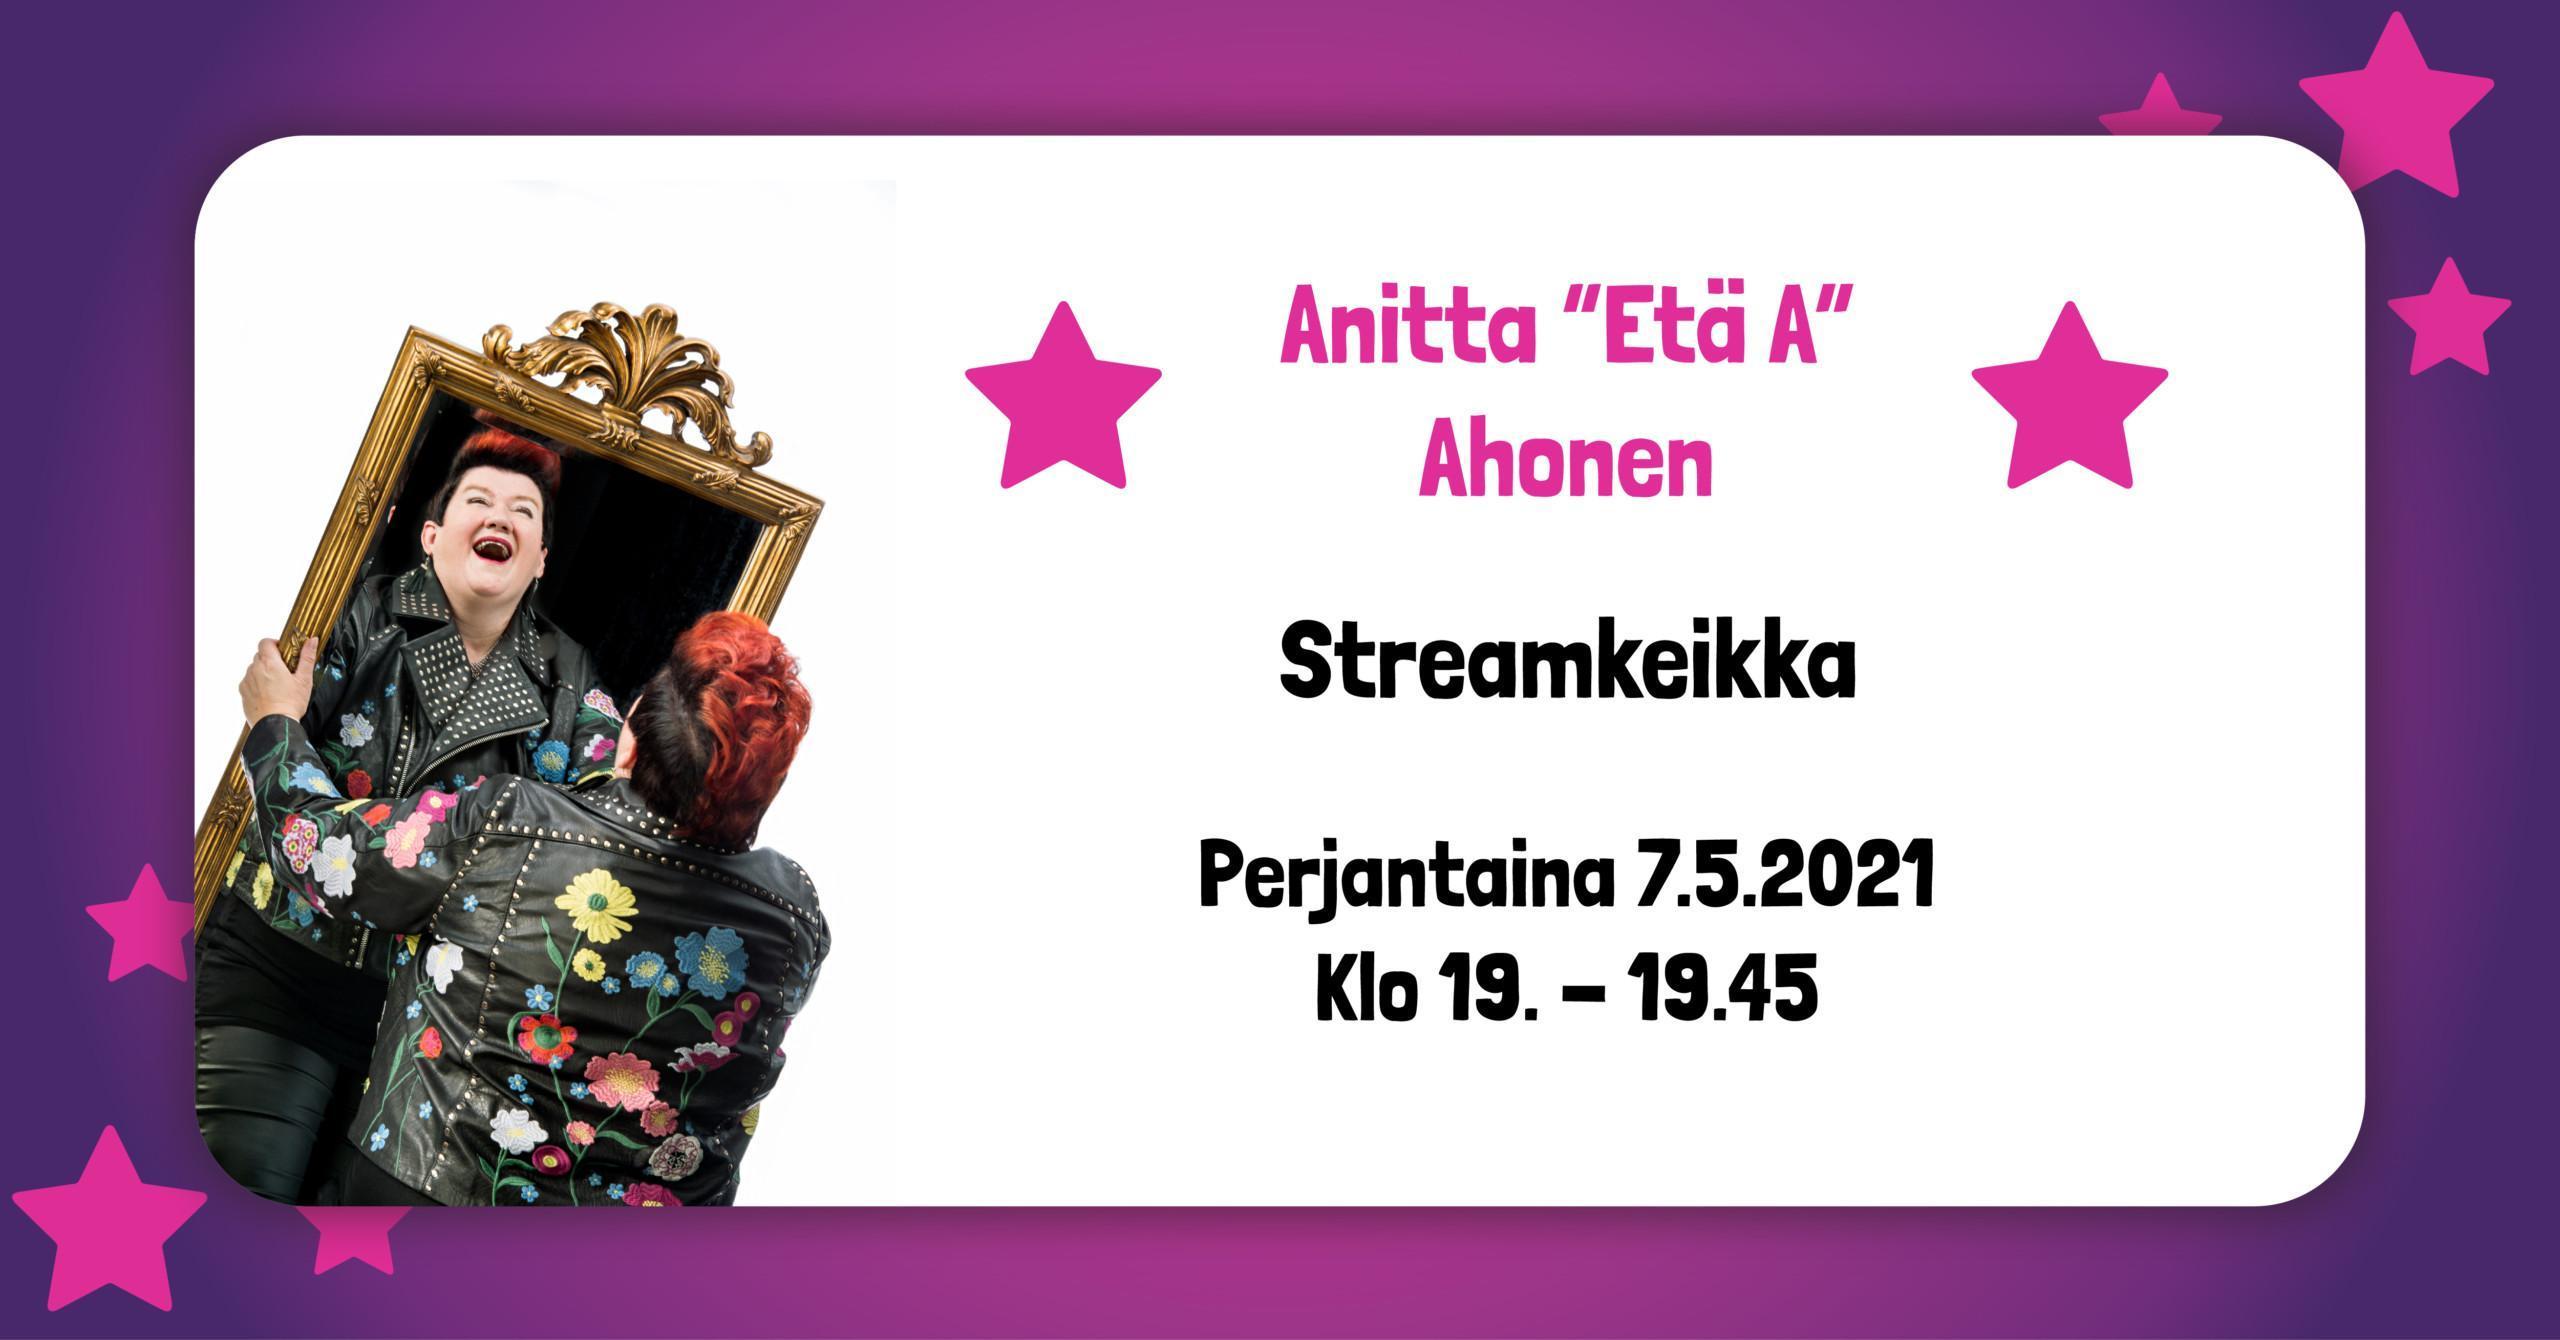 Anitta Etä A Ahonen